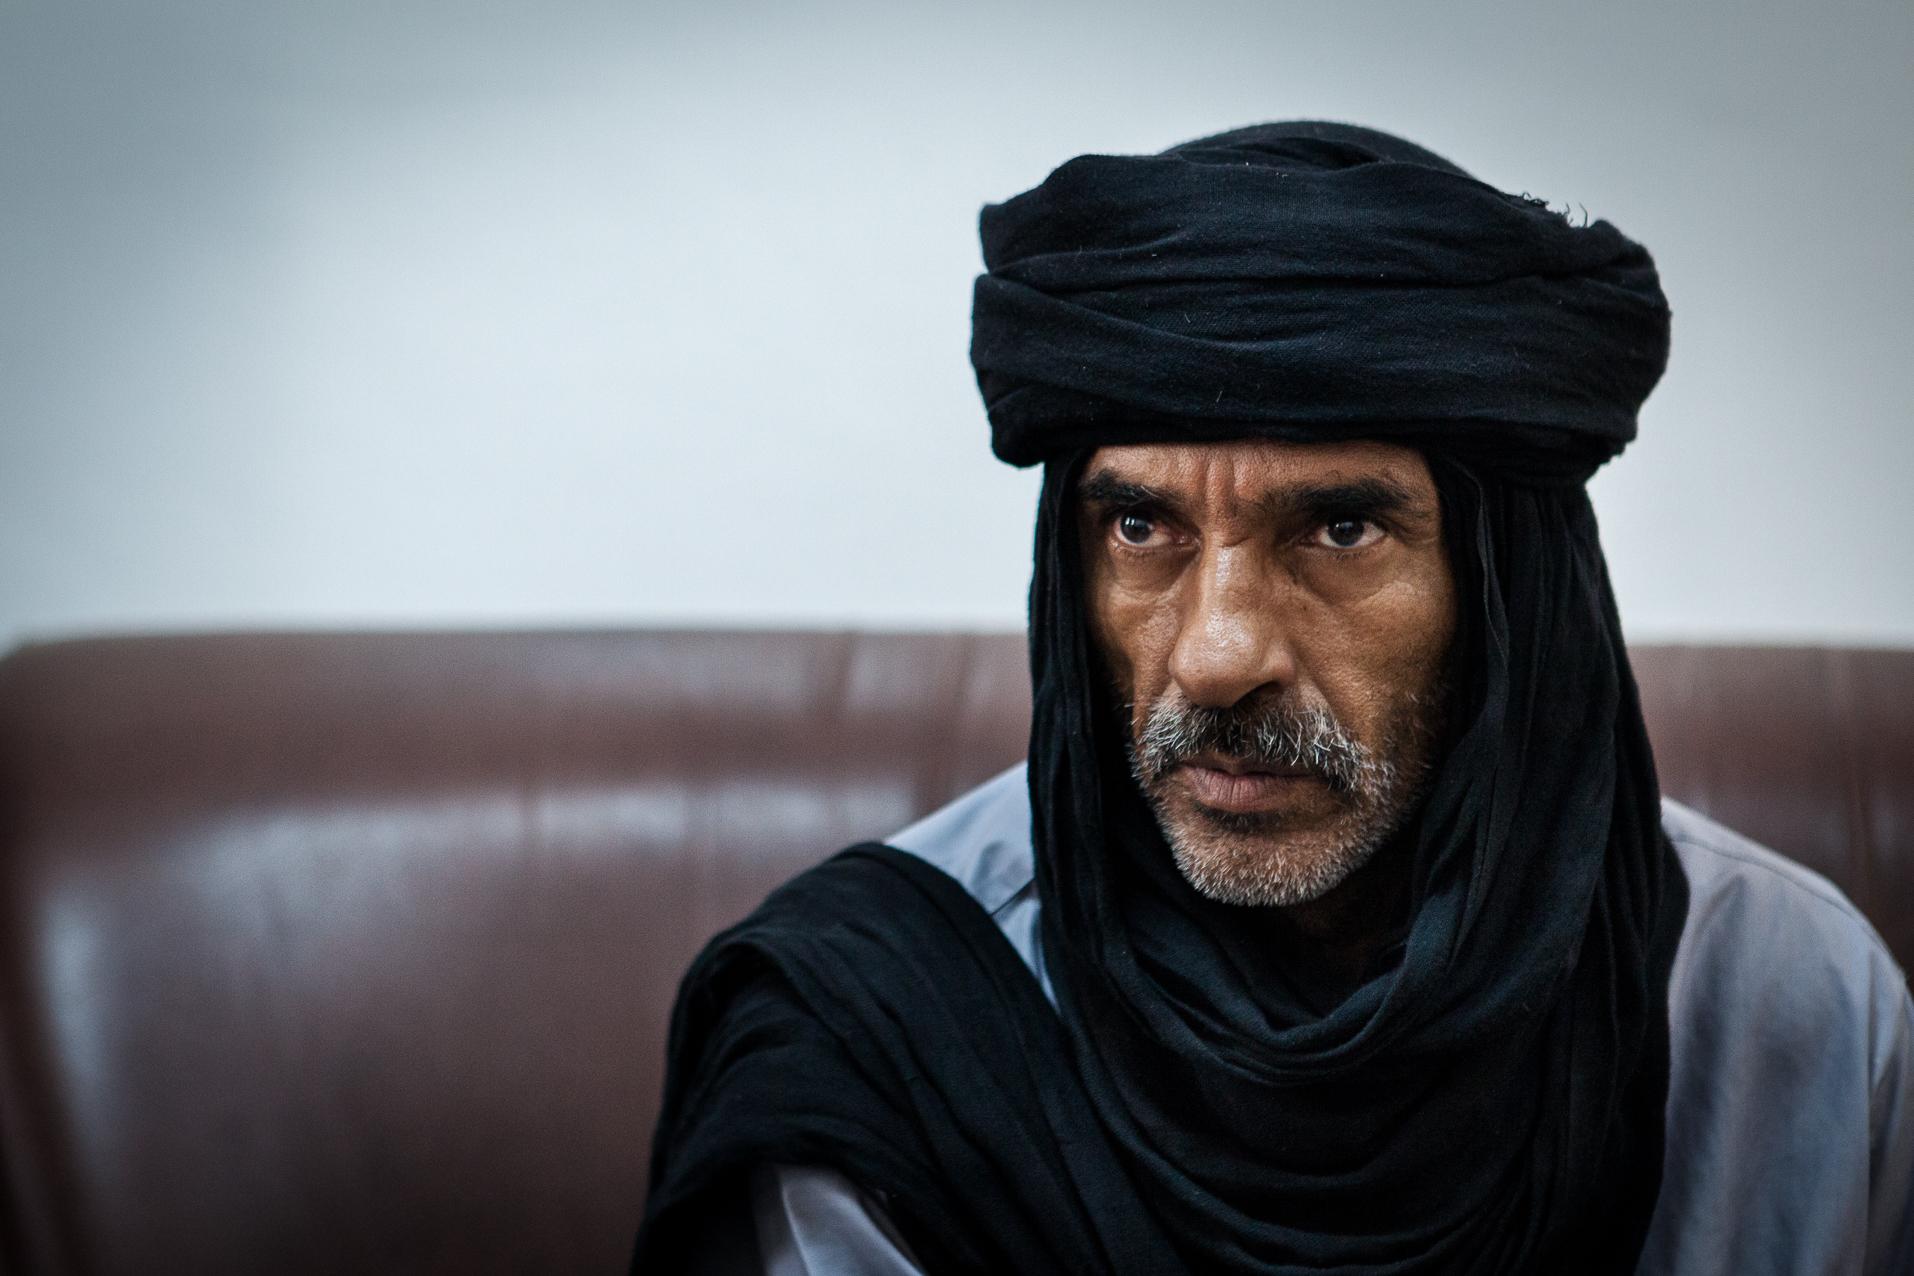 Zenten, 1er Juillet 2012. Moktar, chef guerrier de la ville de Zenten. Cette brigade, la plus puissante du pays, tient notamment Saif Al Islam en détention.